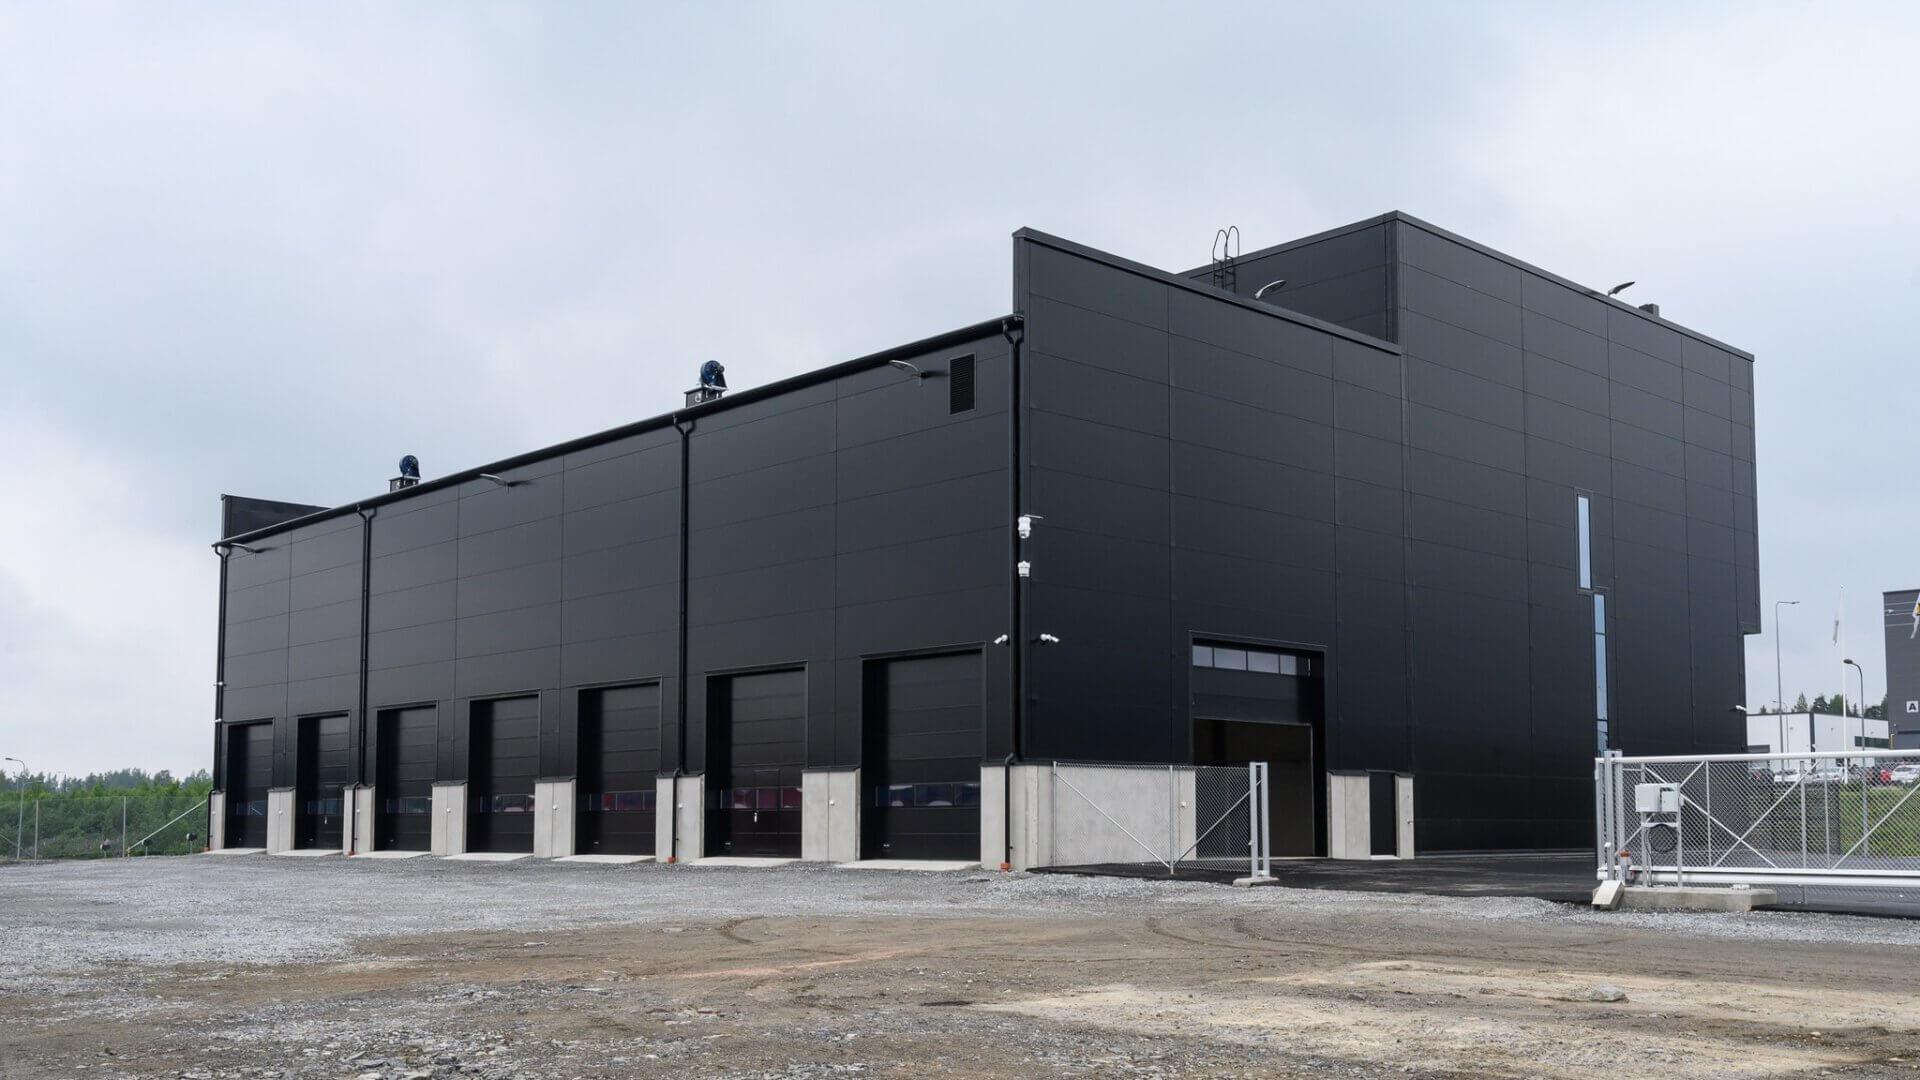 Novatronin uudet toimisto- ja tuotantotilat 2